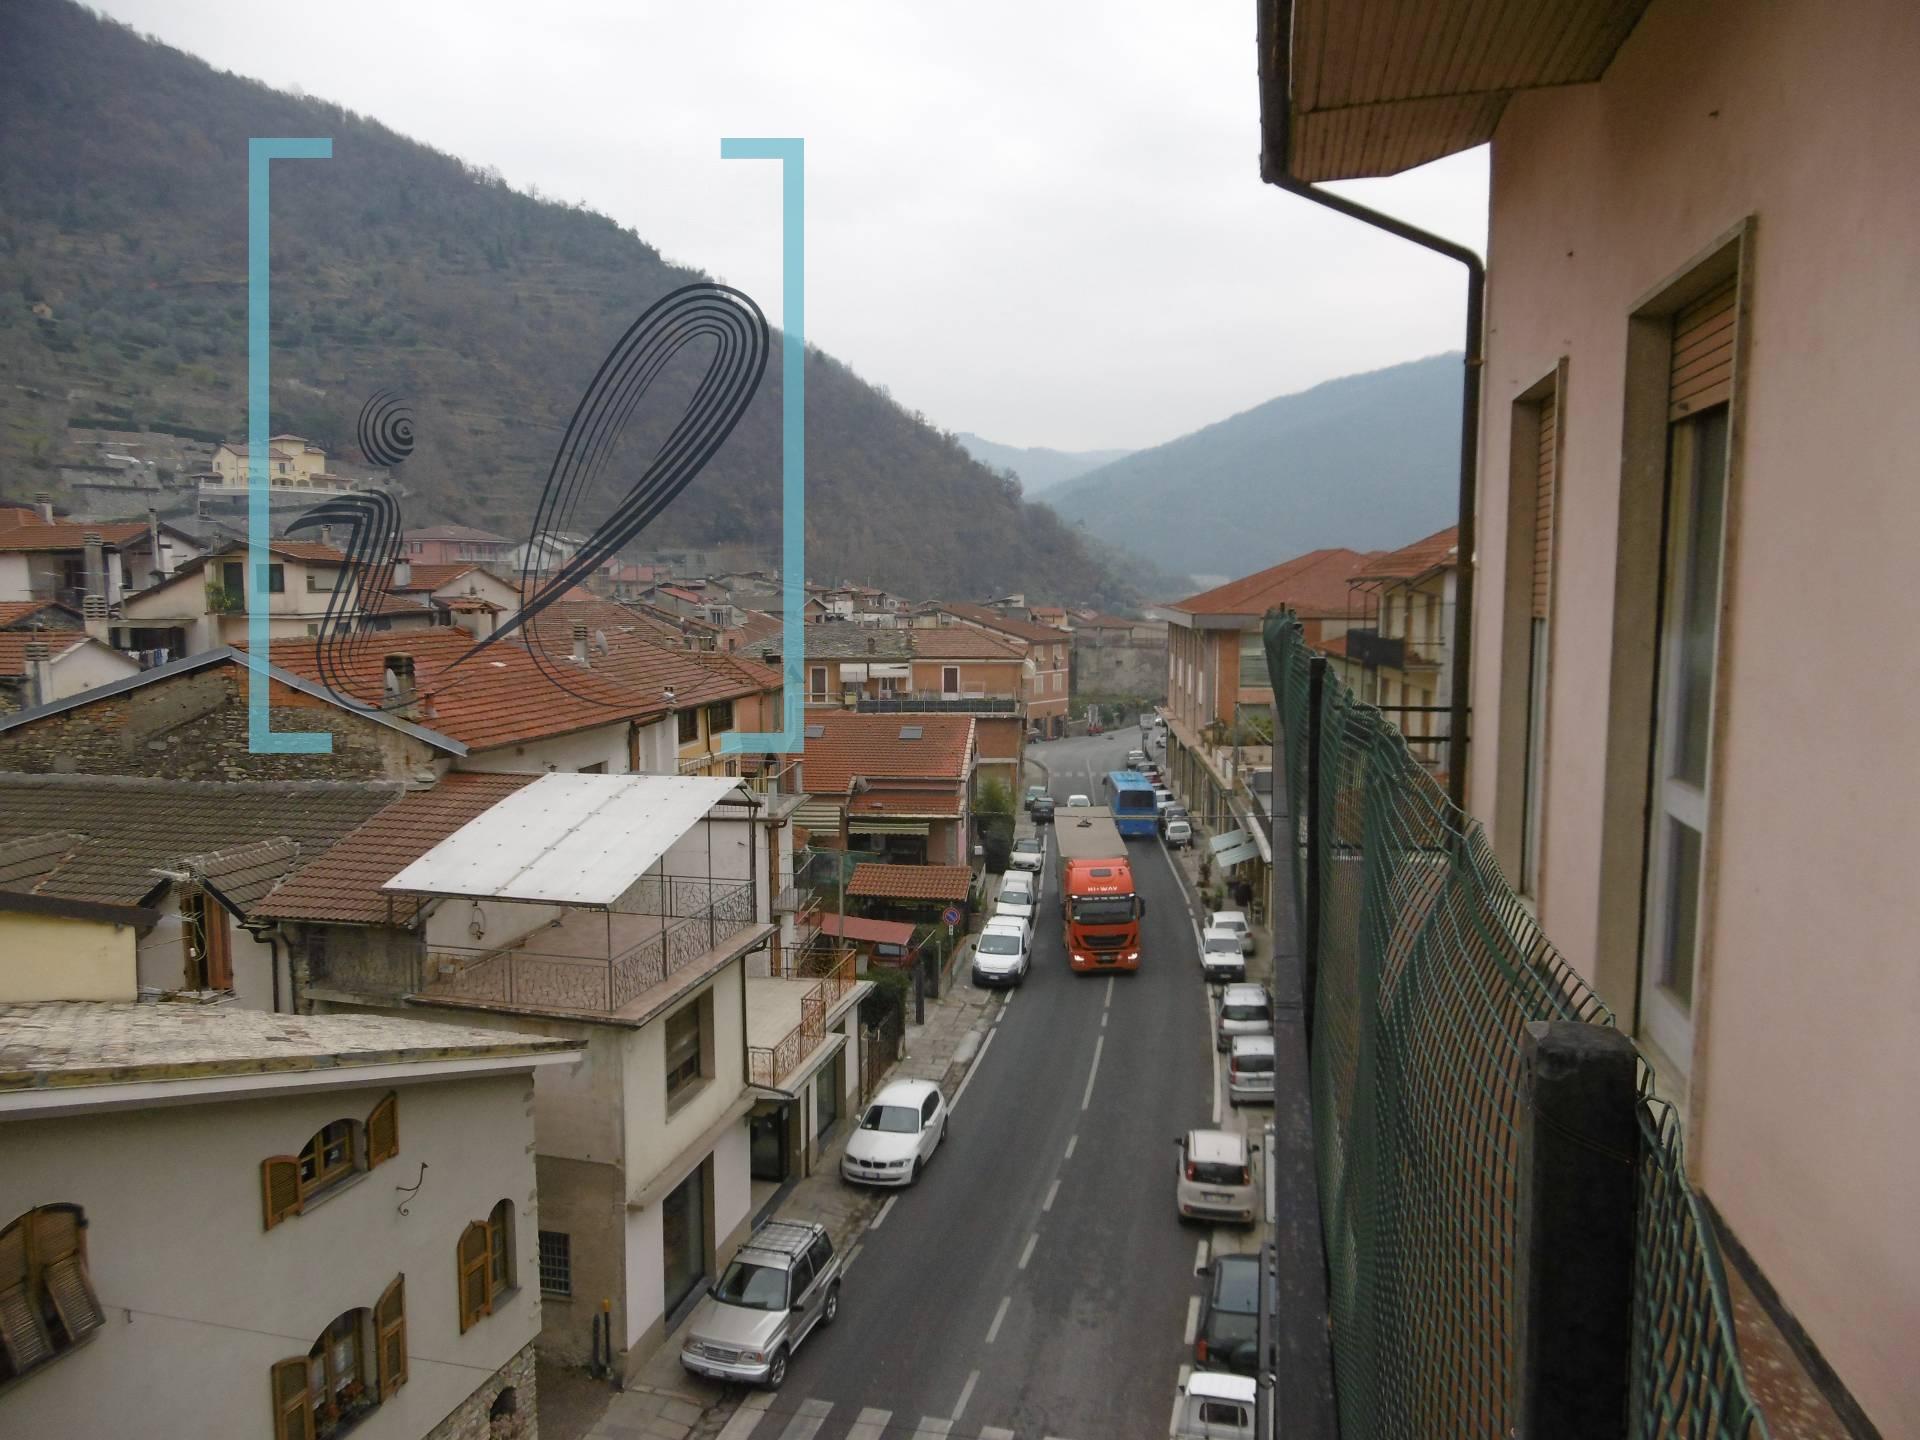 Appartamento in vendita a Pieve di Teco, 100 locali, prezzo € 75.000 | CambioCasa.it